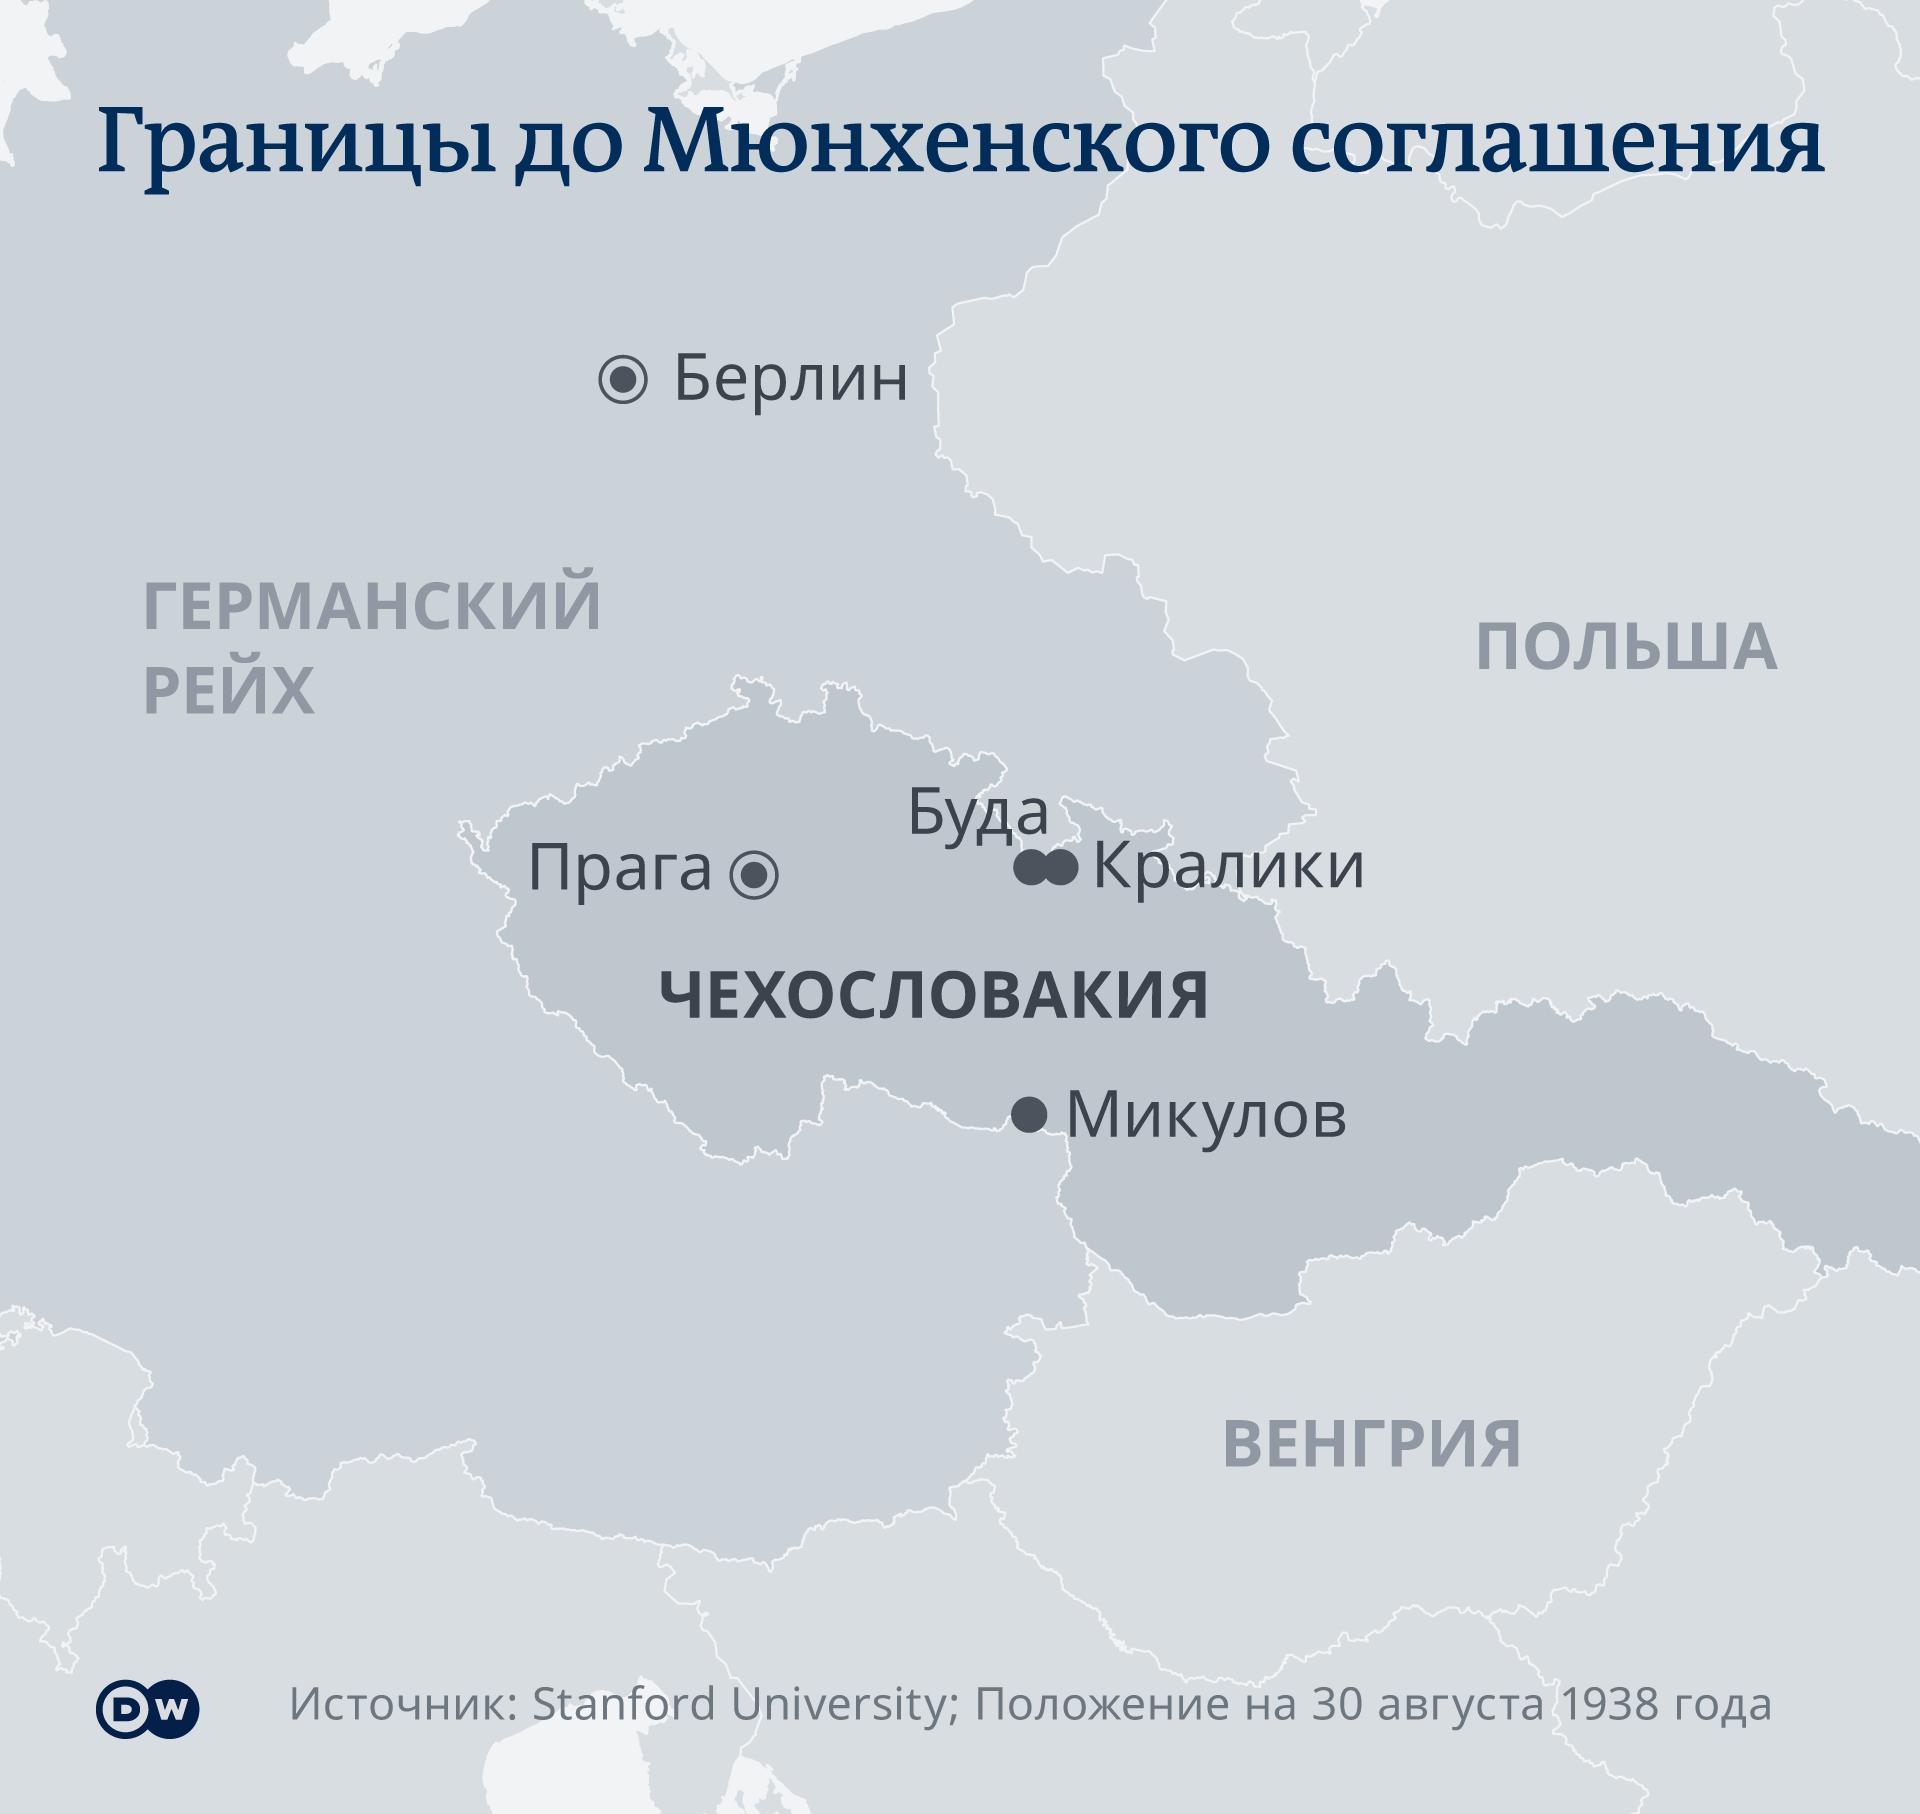 Границы Чехословакии да Мюнхенского соглашения